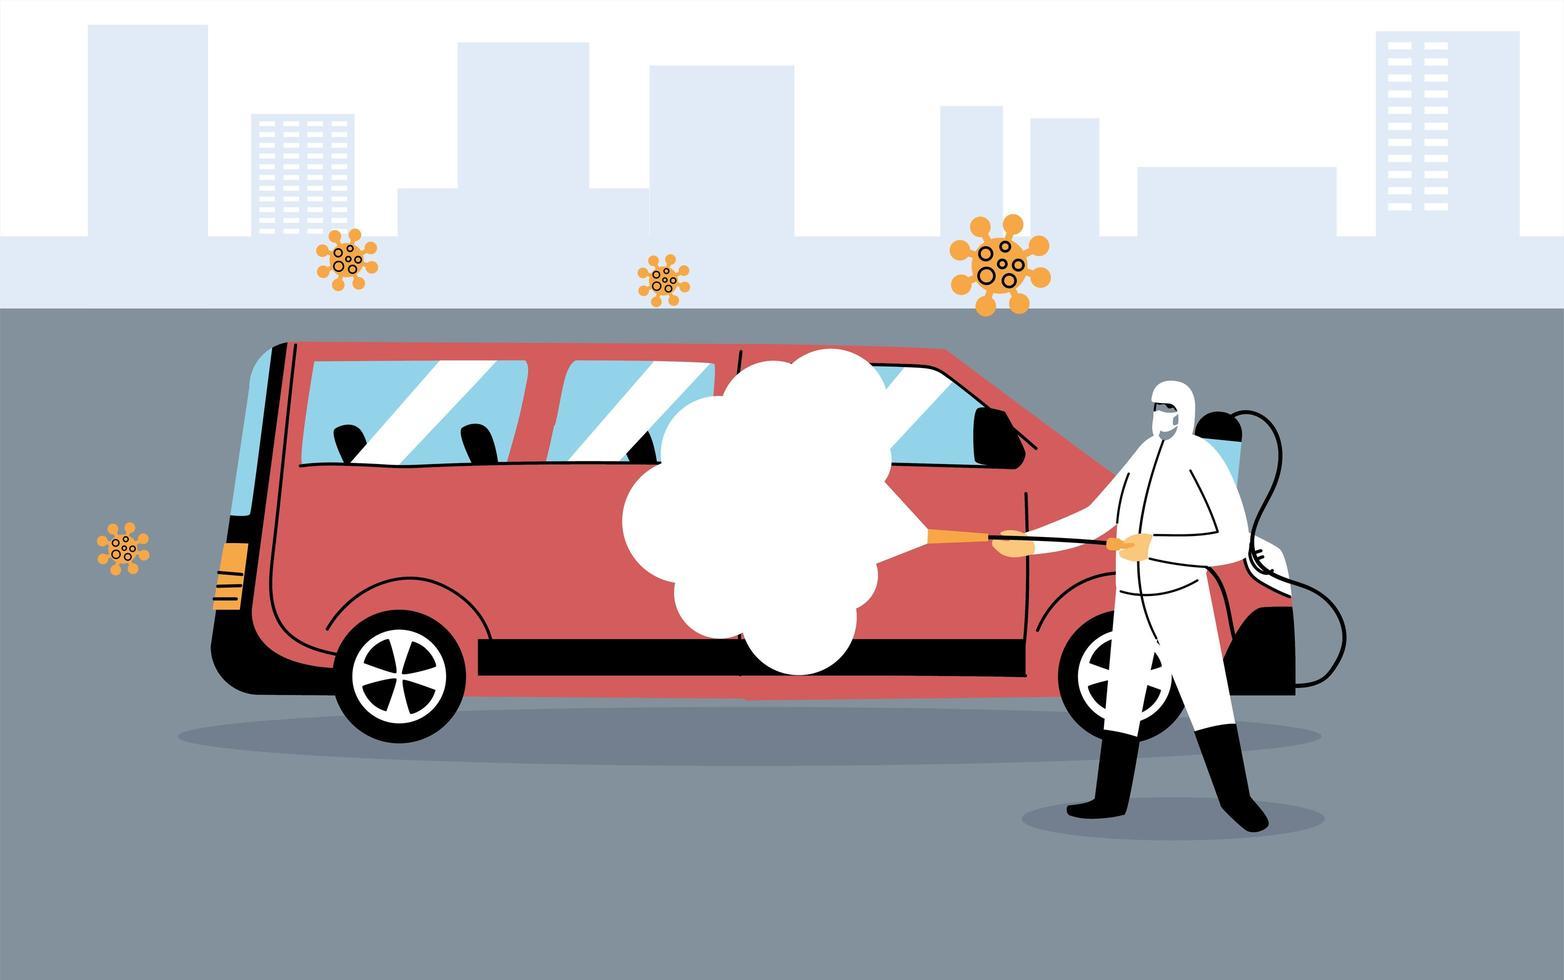 serviço de desinfecção de van por coronavírus ou covid 19 vetor